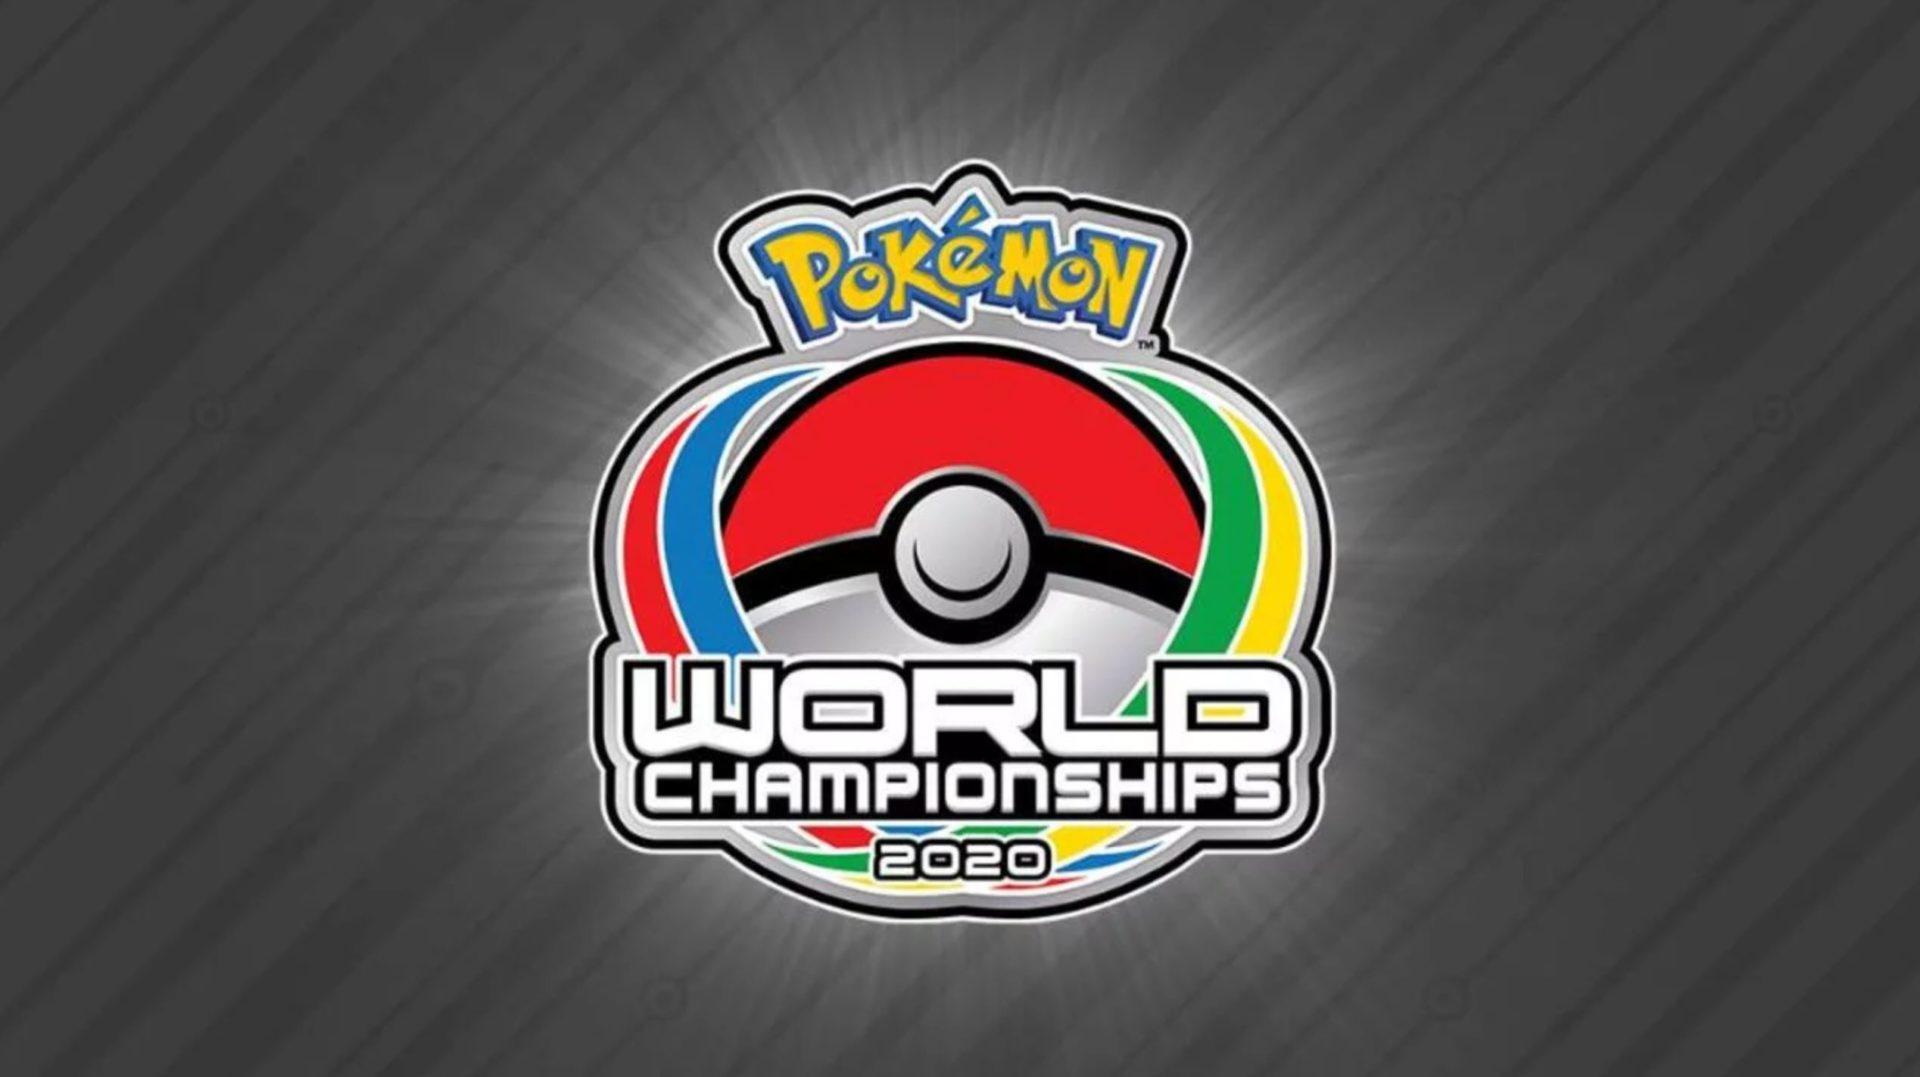 I Campionati Mondiali di Pokémon 2020 sono stati ufficialmente cancellati